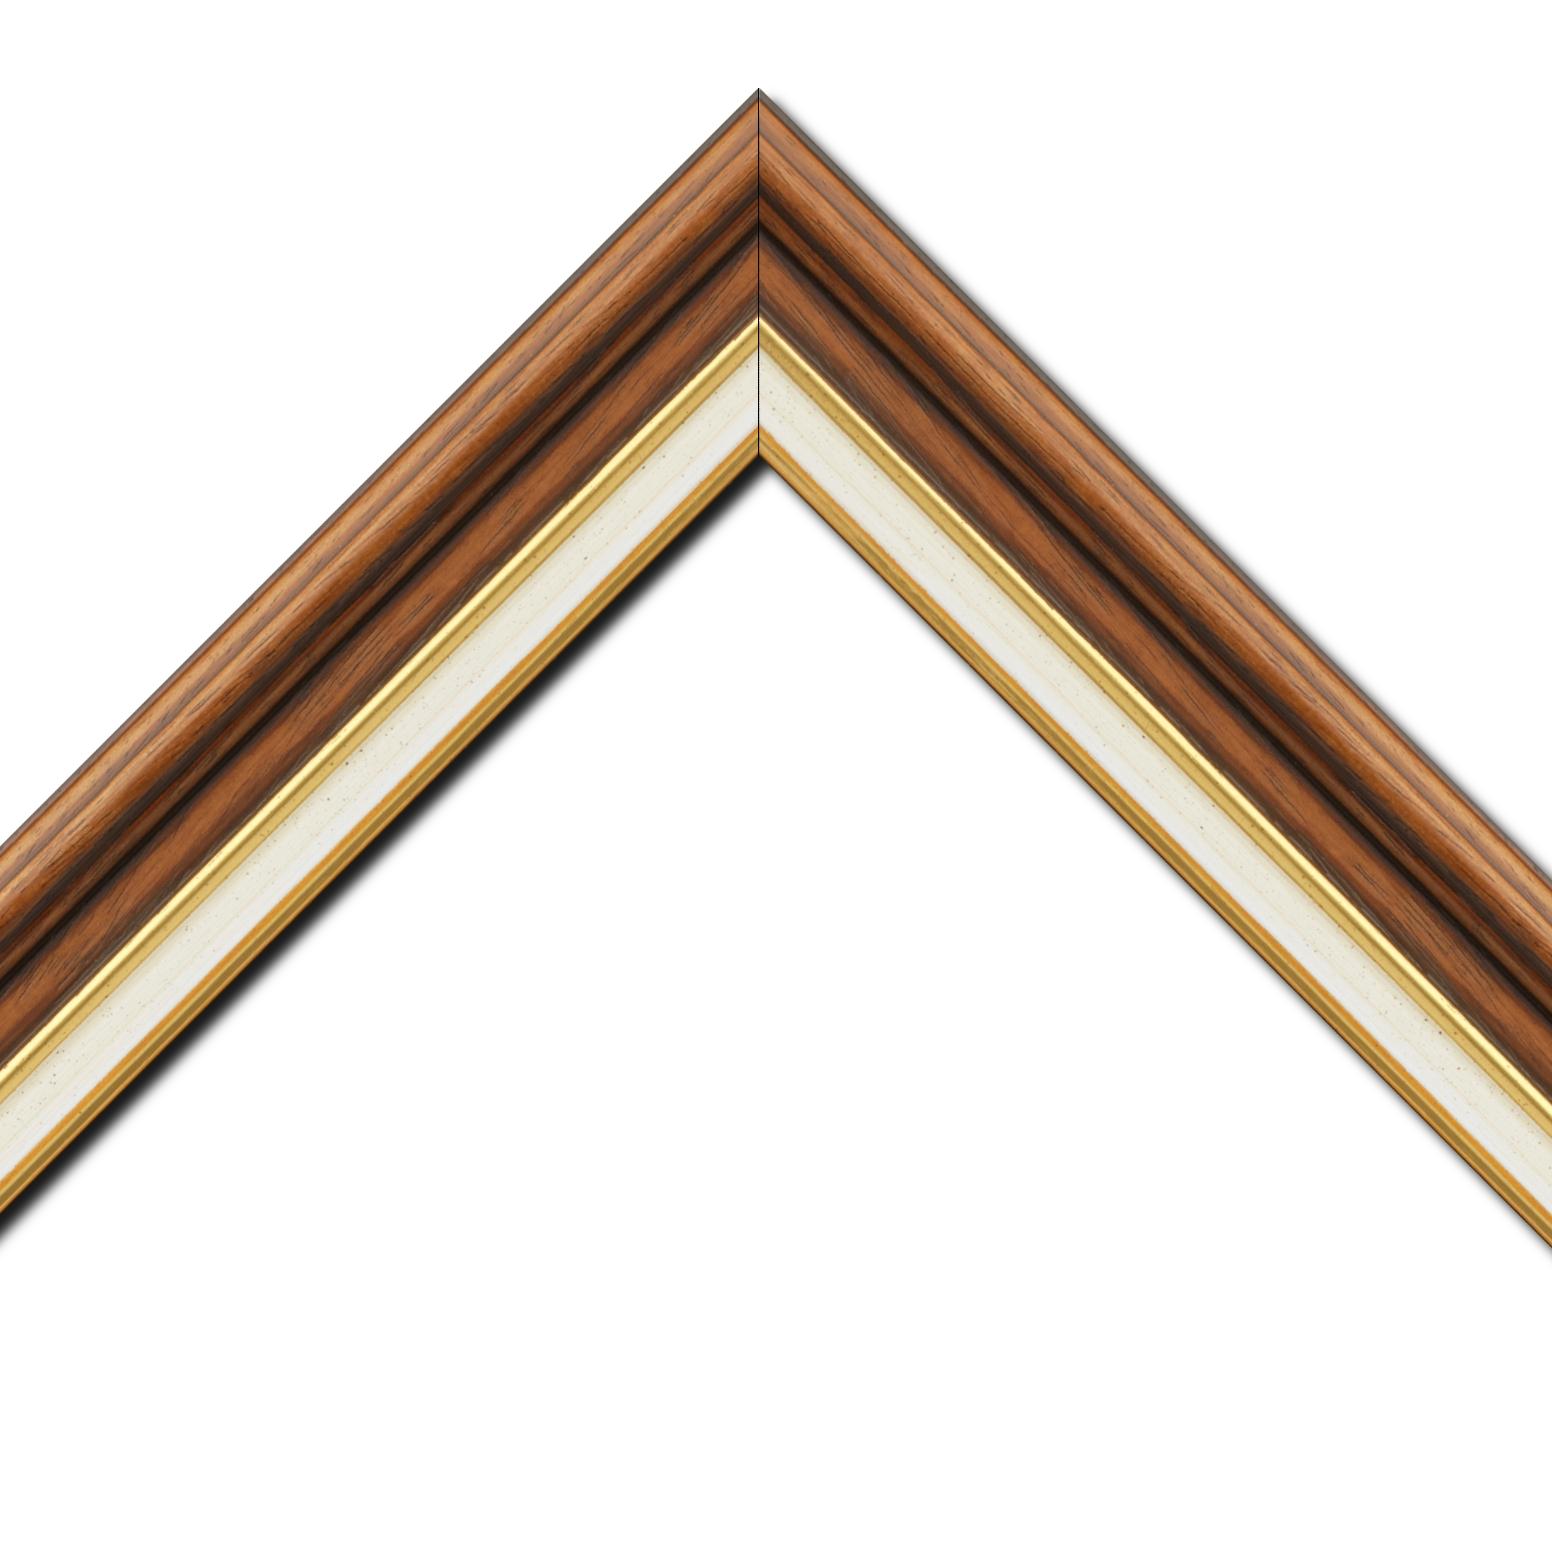 Baguette bois largeur 5.2cm marron rustique  marie louise crème filet or intégrée